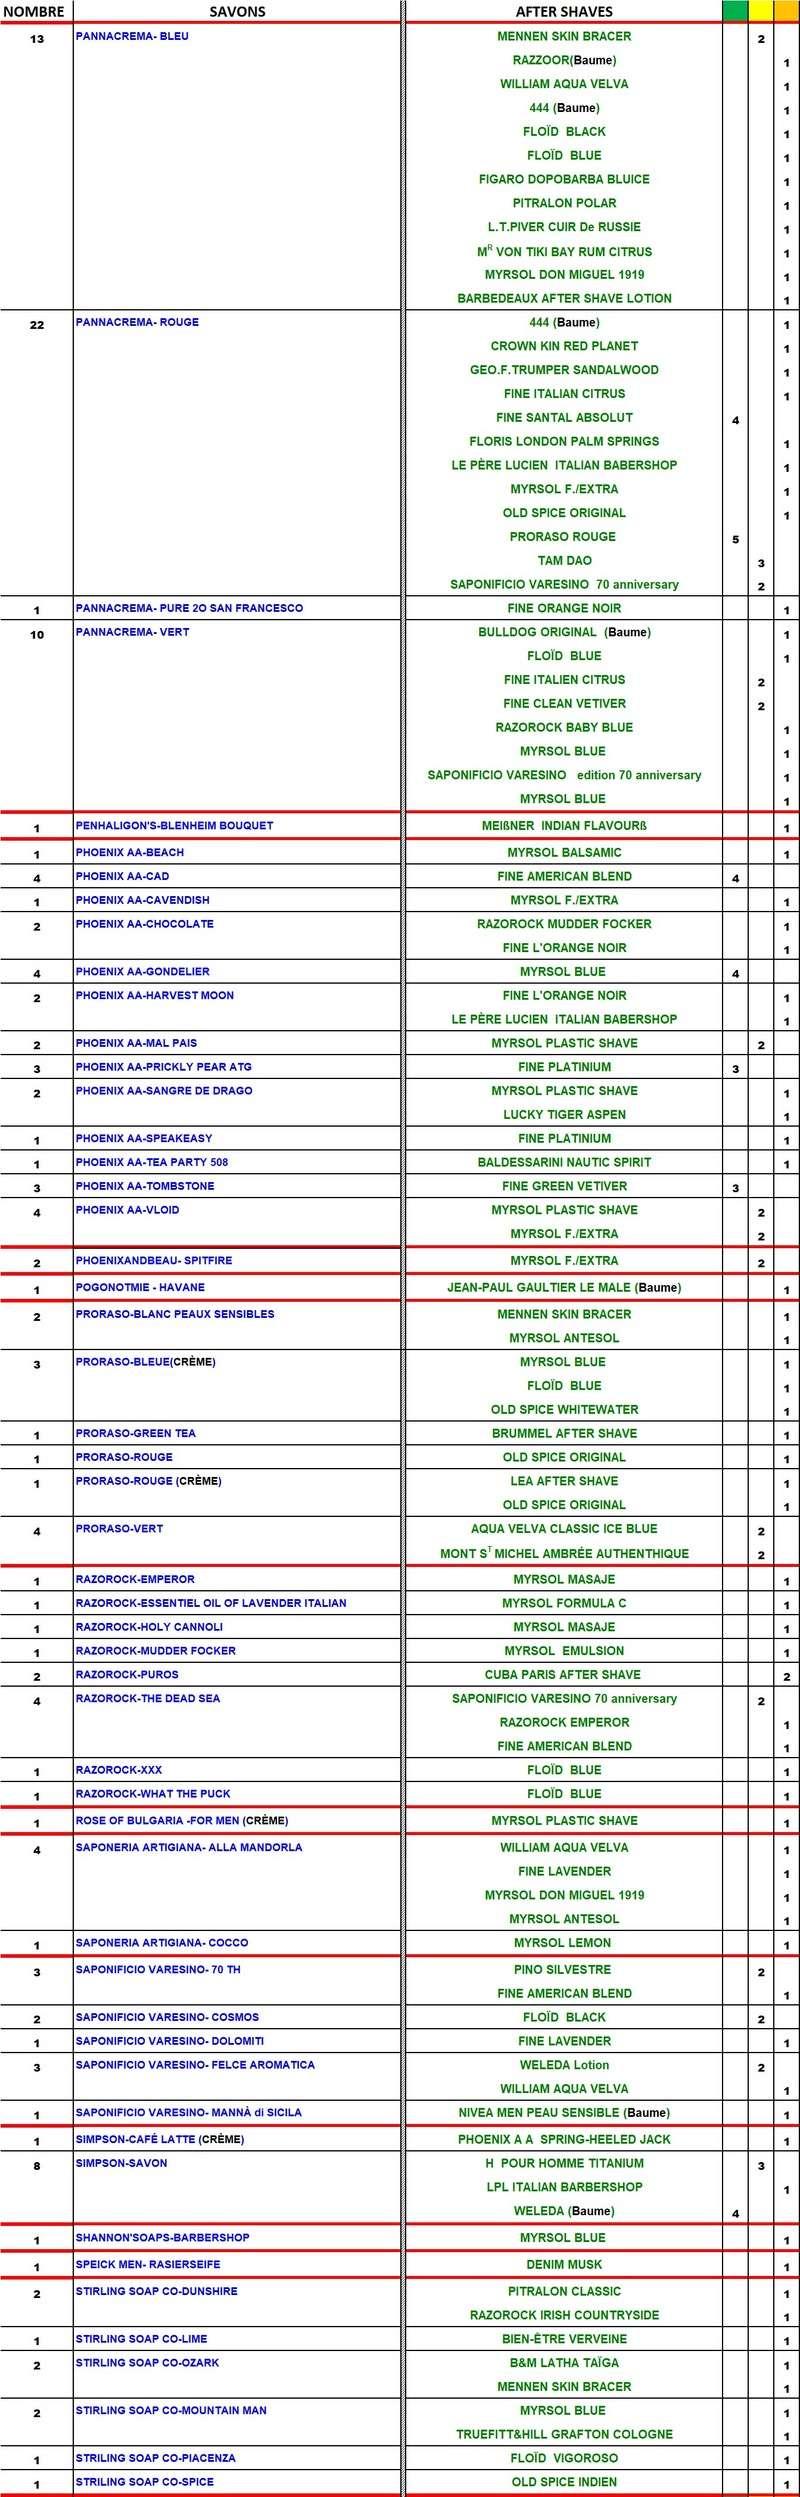 TABLEAU SAVONS et APRES-RASAGE  COMPATIBLES - Page 3 Table188